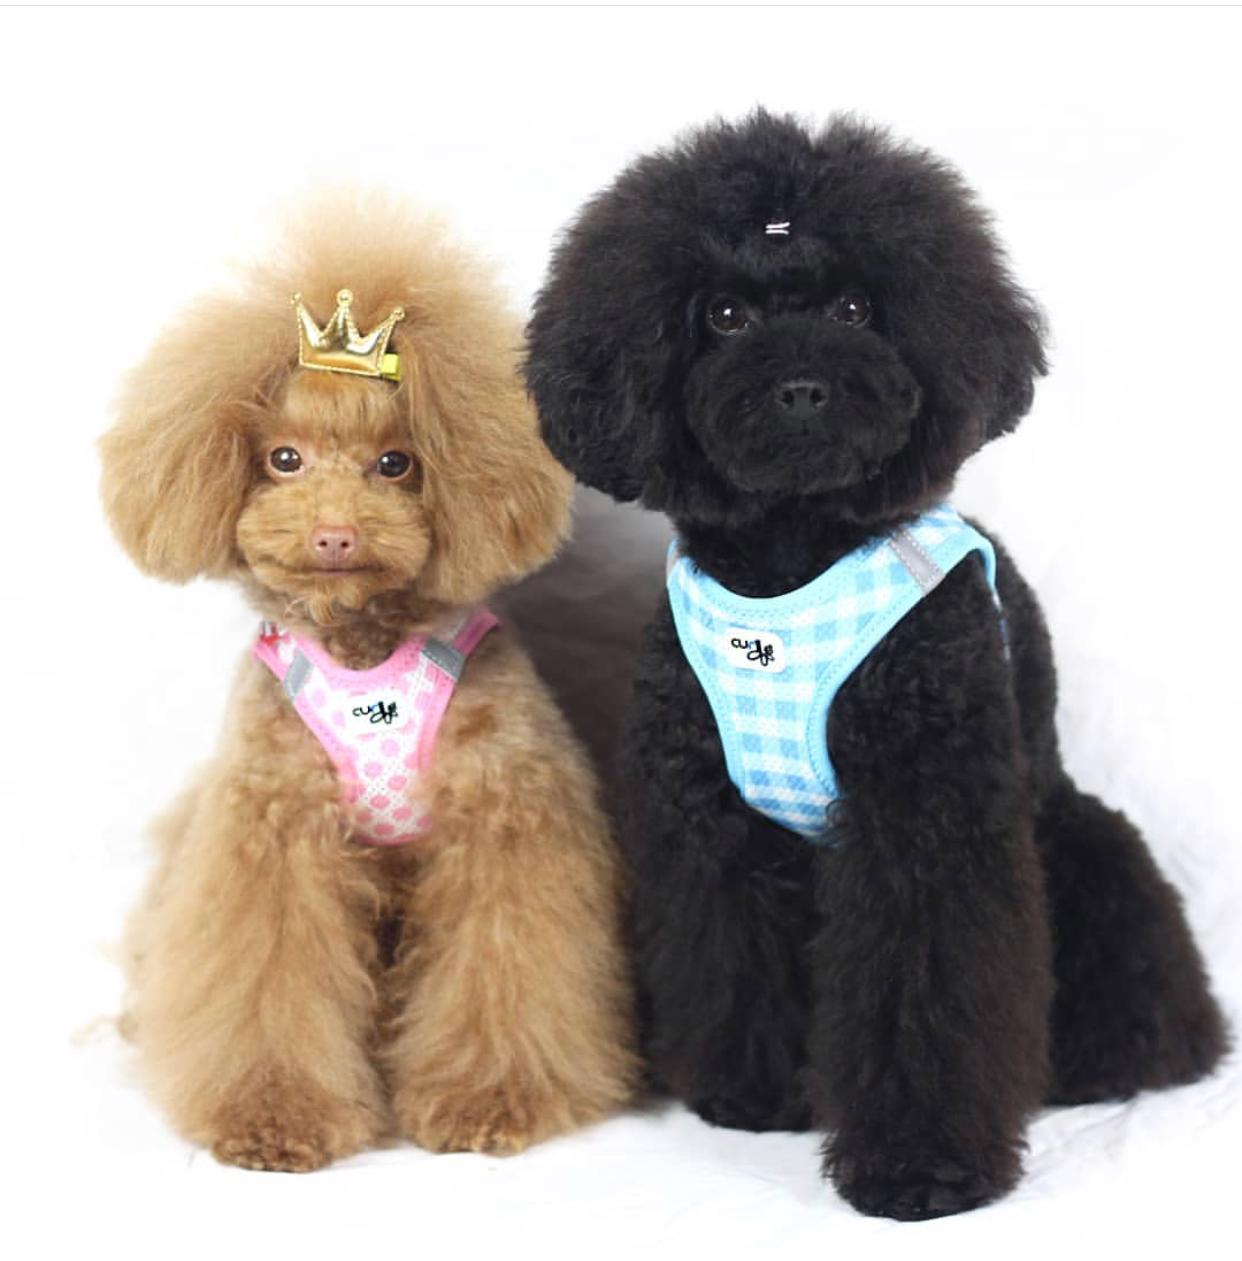 @cooper_ audrey _toypoodles   Son peluches a tiempo parcial y nos encanta jugar con ellos siempre que podemos. estos dos poodles de valencia son todo dulzura.